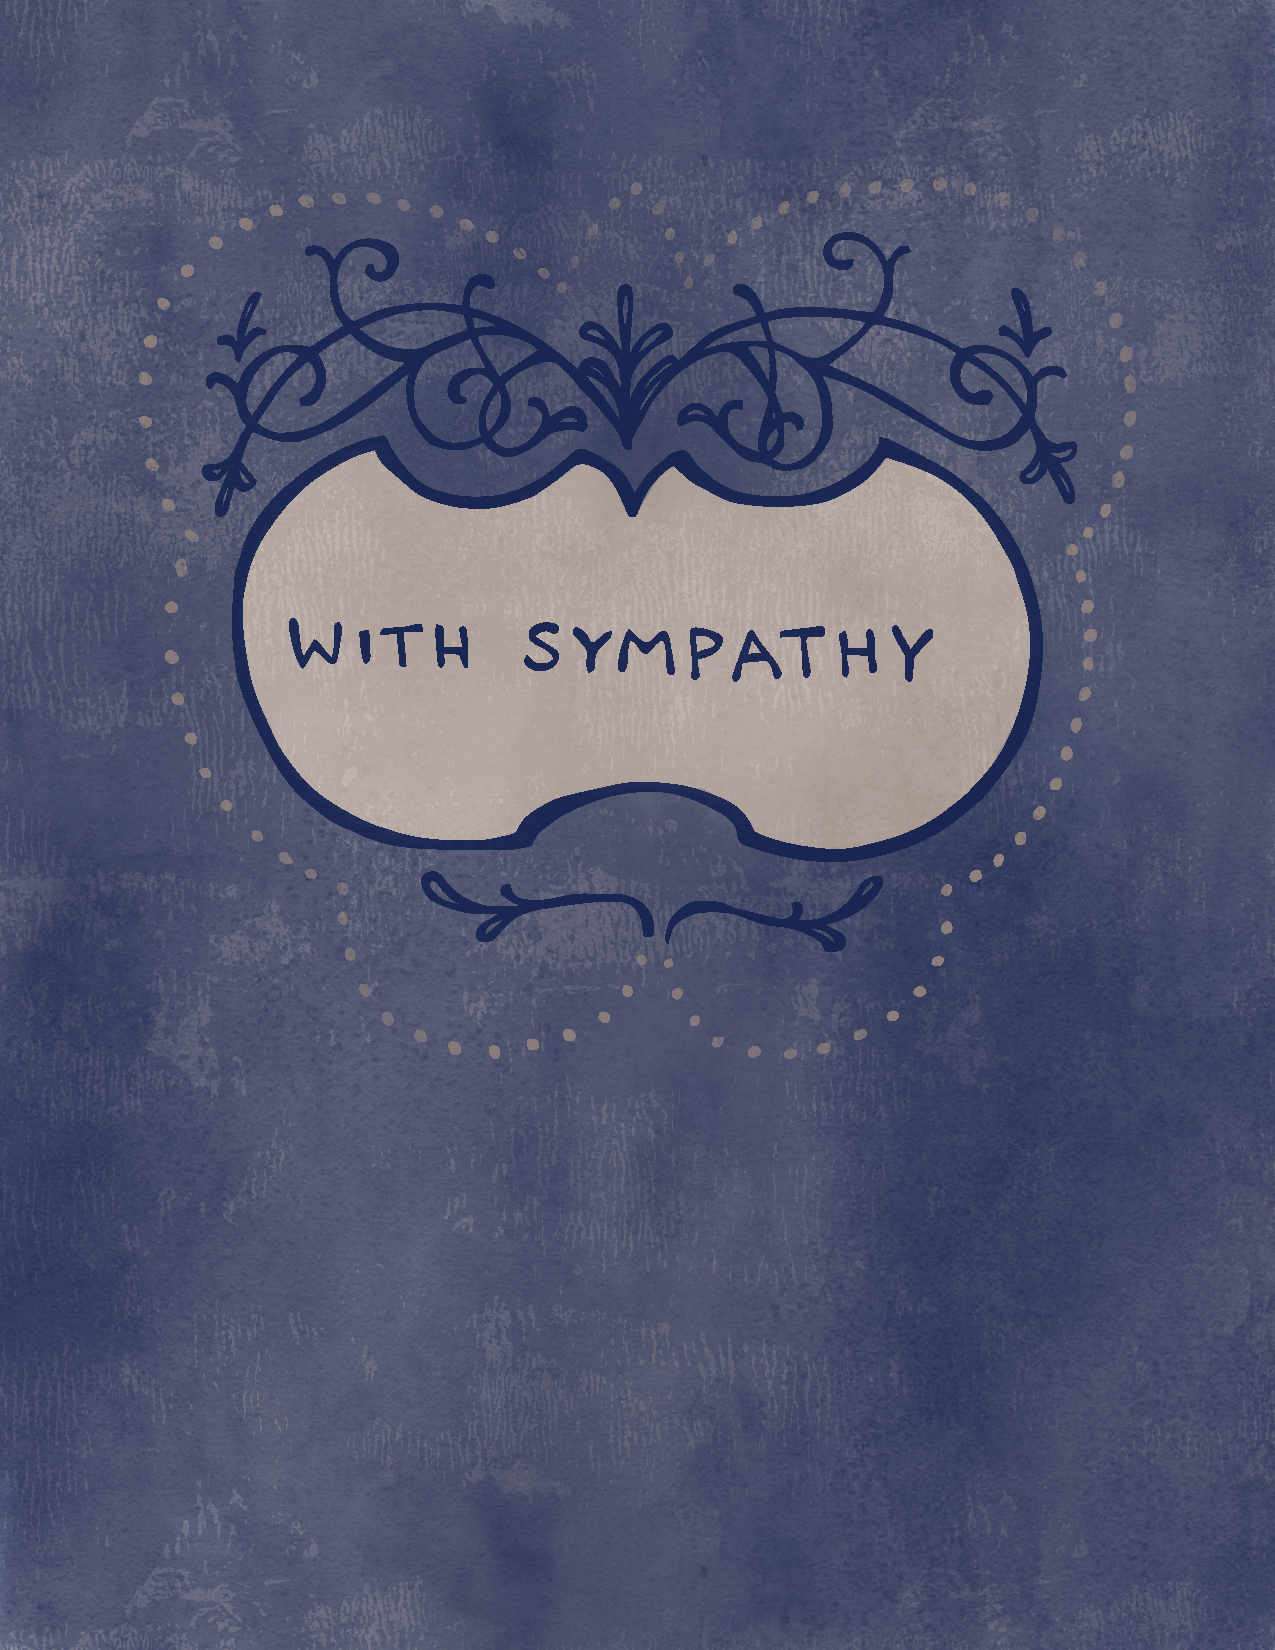 Sympathy Blue.jpg